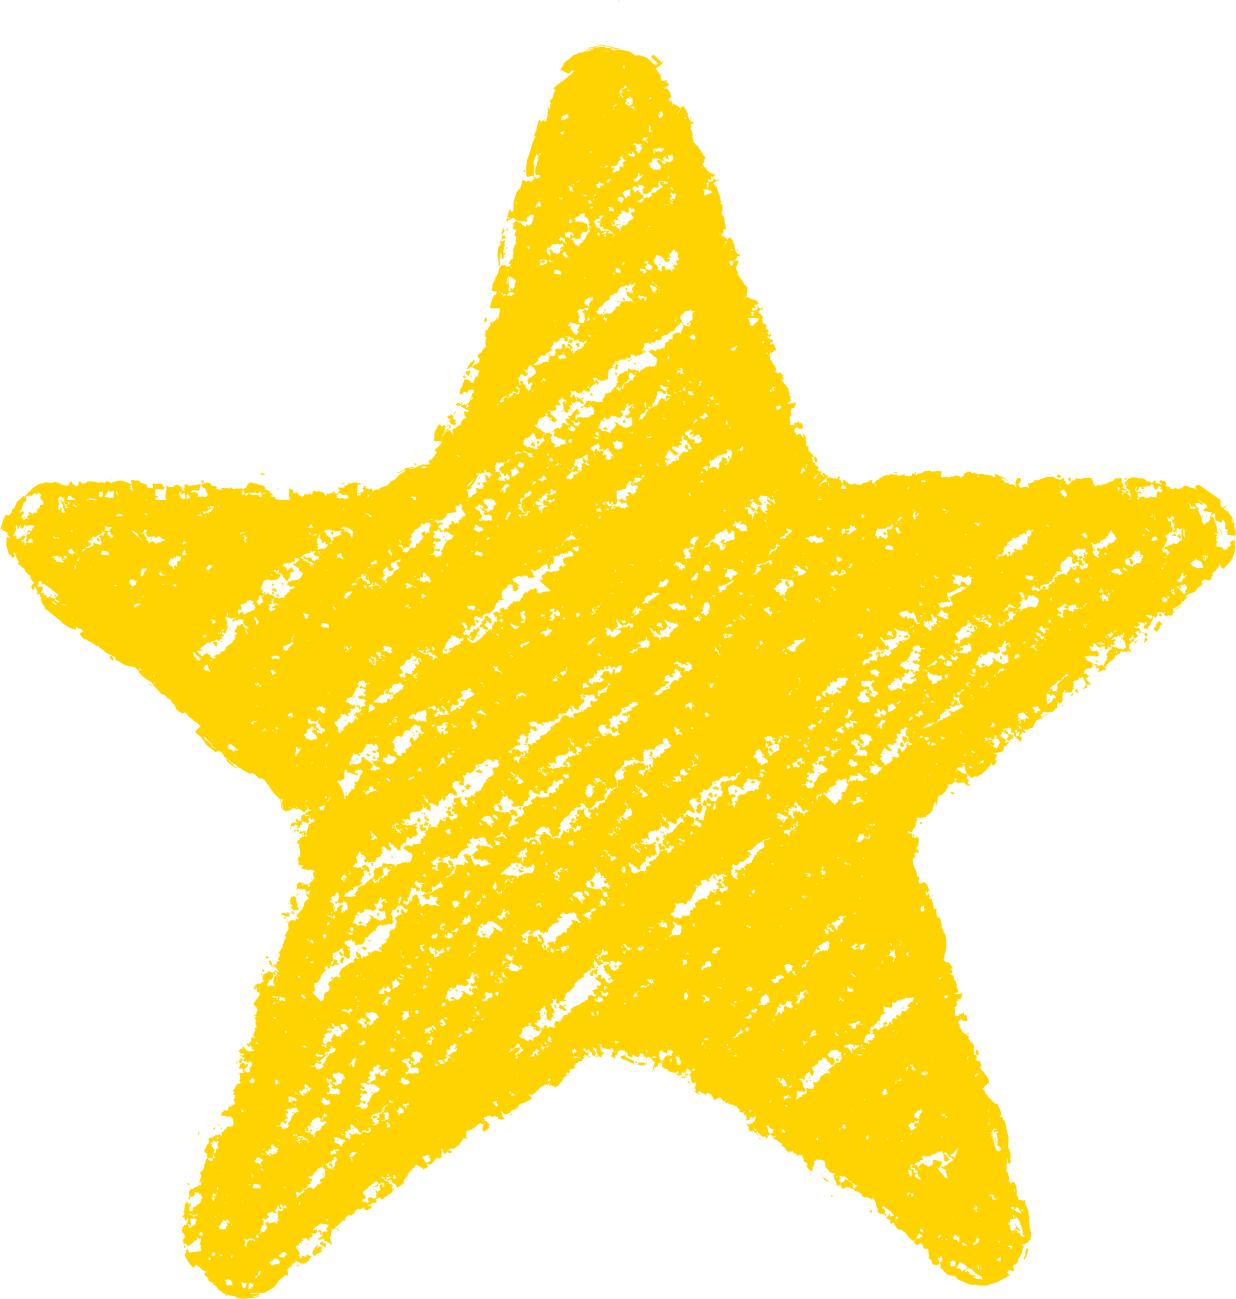 クレヨン塗り背景 黄色 新(イエロー)星のイラスト star_yellow